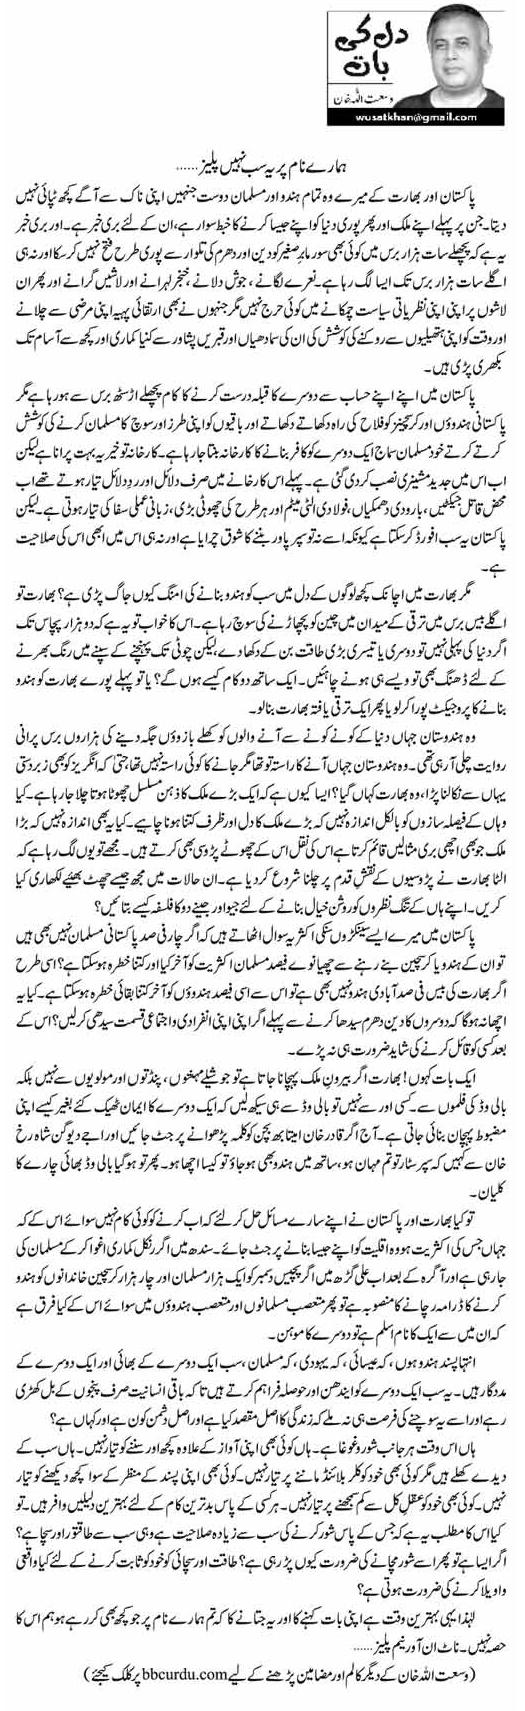 Hamary naam per yeh sb nahi please - Wusatullah khan - Pakfunny